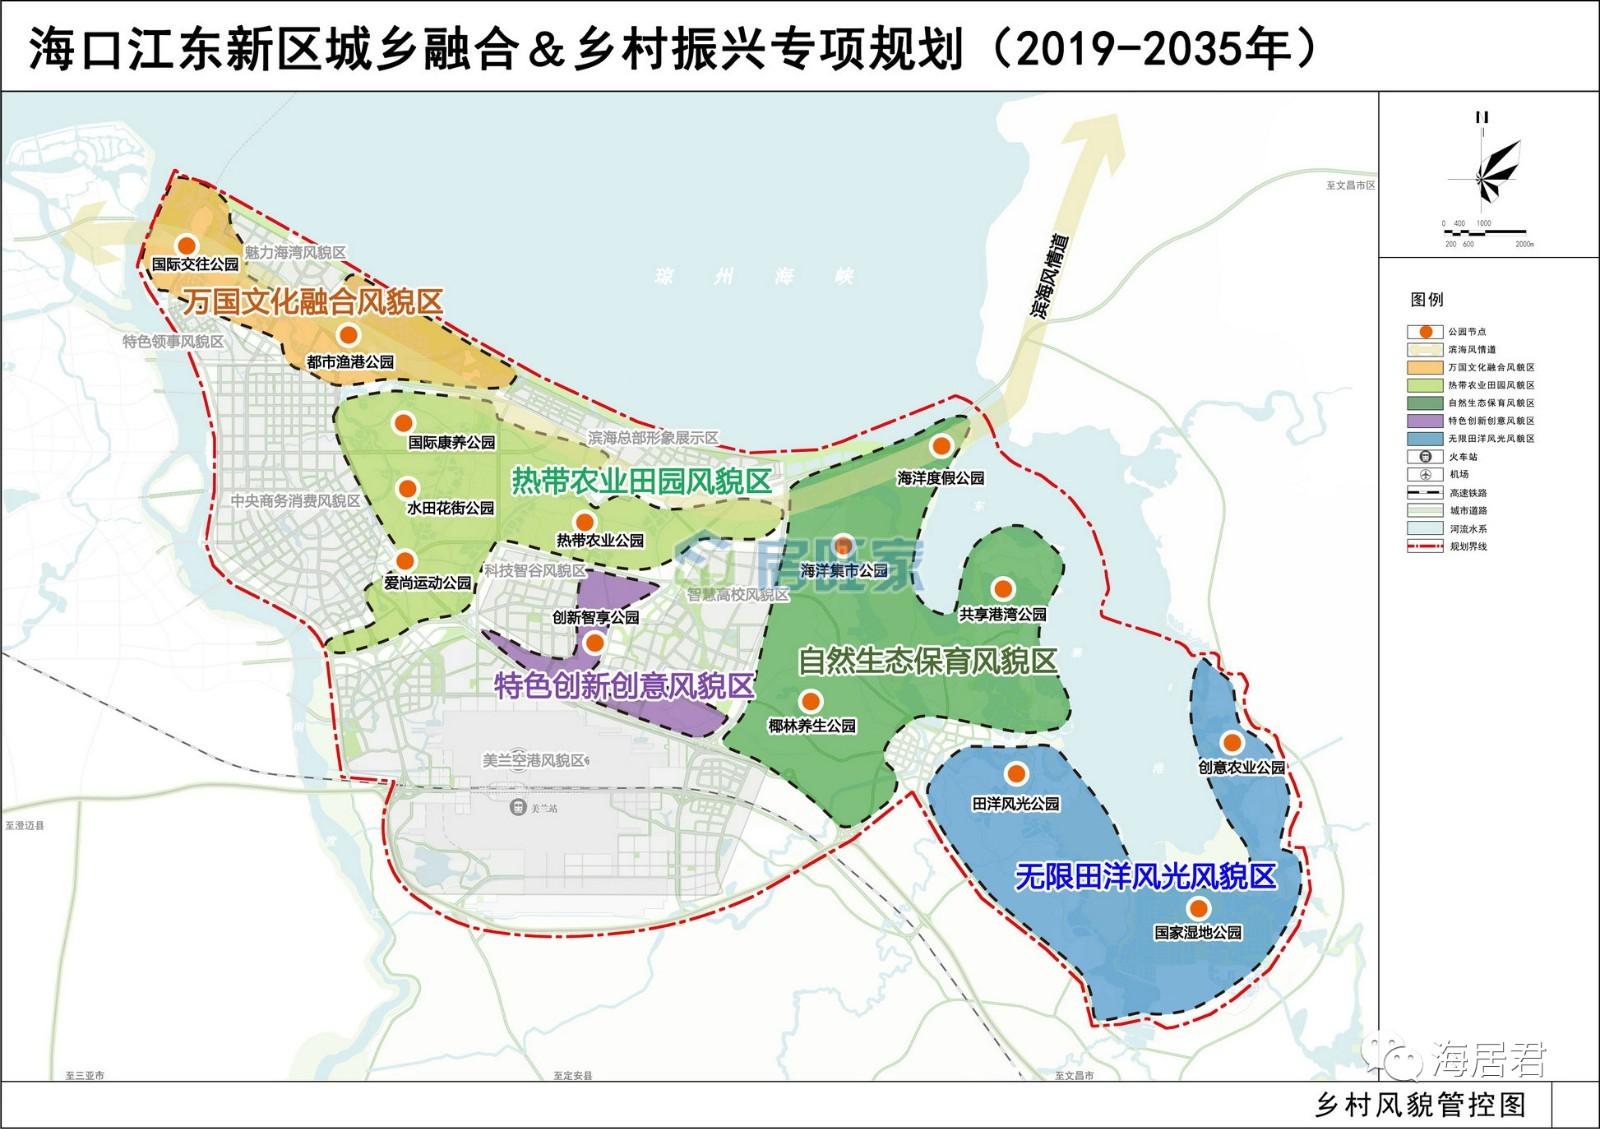 海口江东新区城乡融合&乡村振兴专项规划乡村风貌管控图